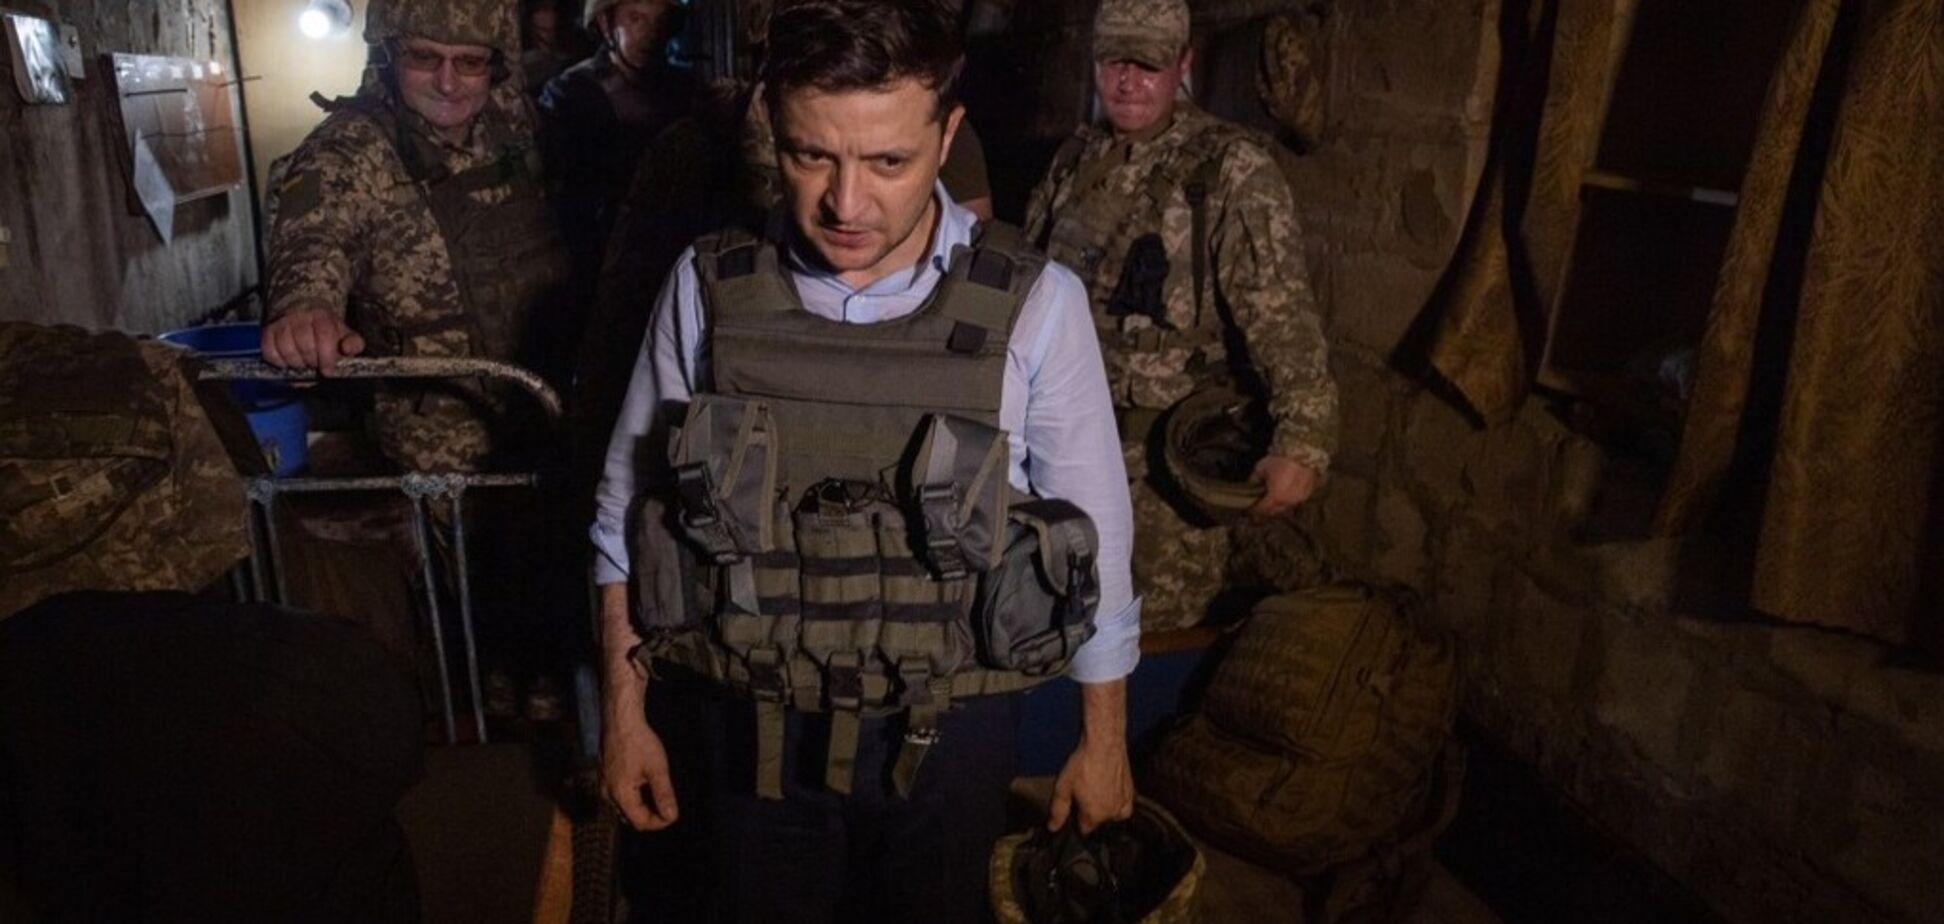 Зеленский съездил к бойцам ВСУ на Донбасс: фоторепортаж с передовой